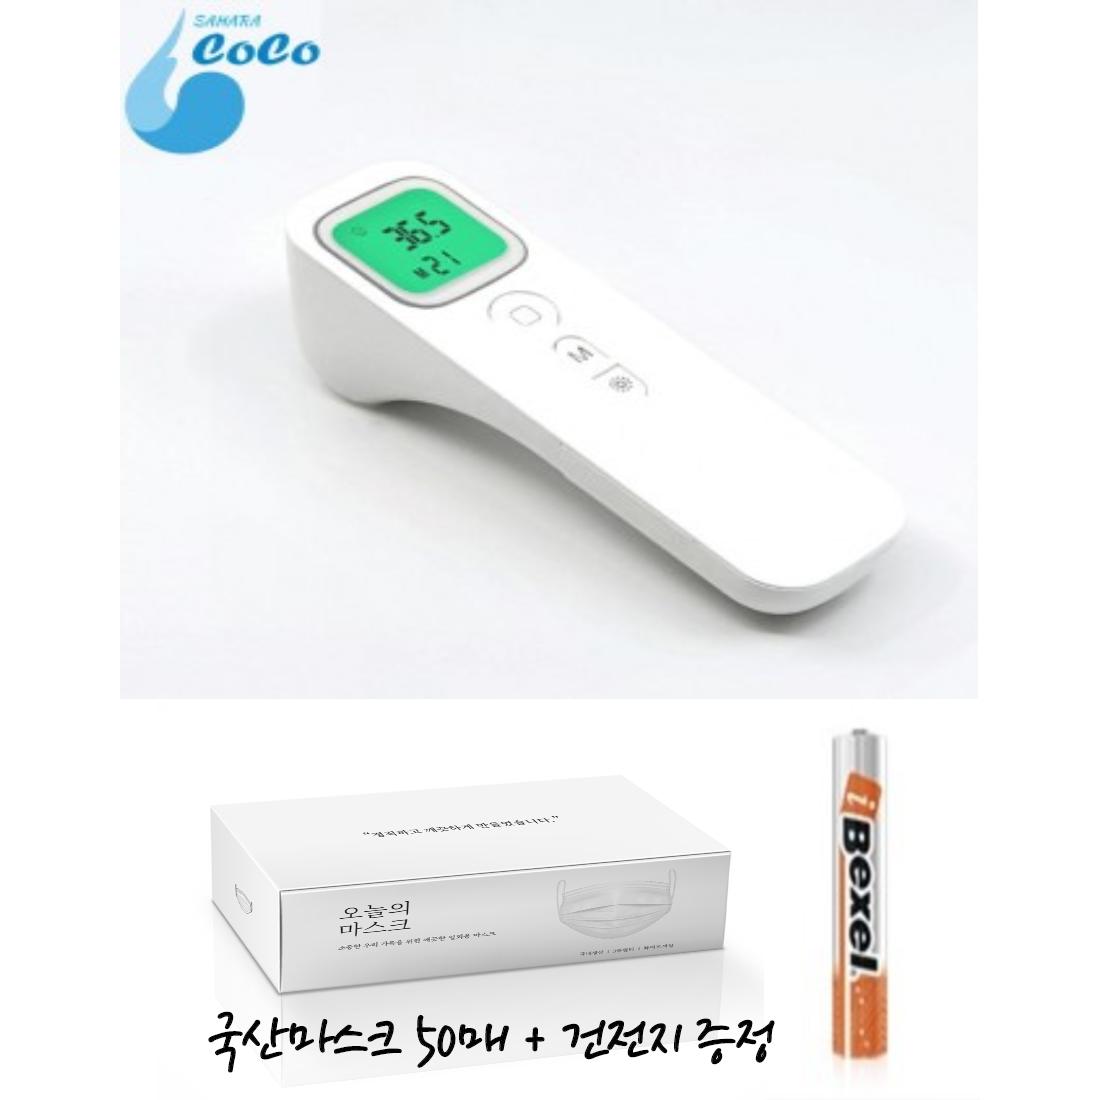 코코 COCO T-1 비접촉식 온도계 국산 비접촉 온도측정기 화이트, 1개